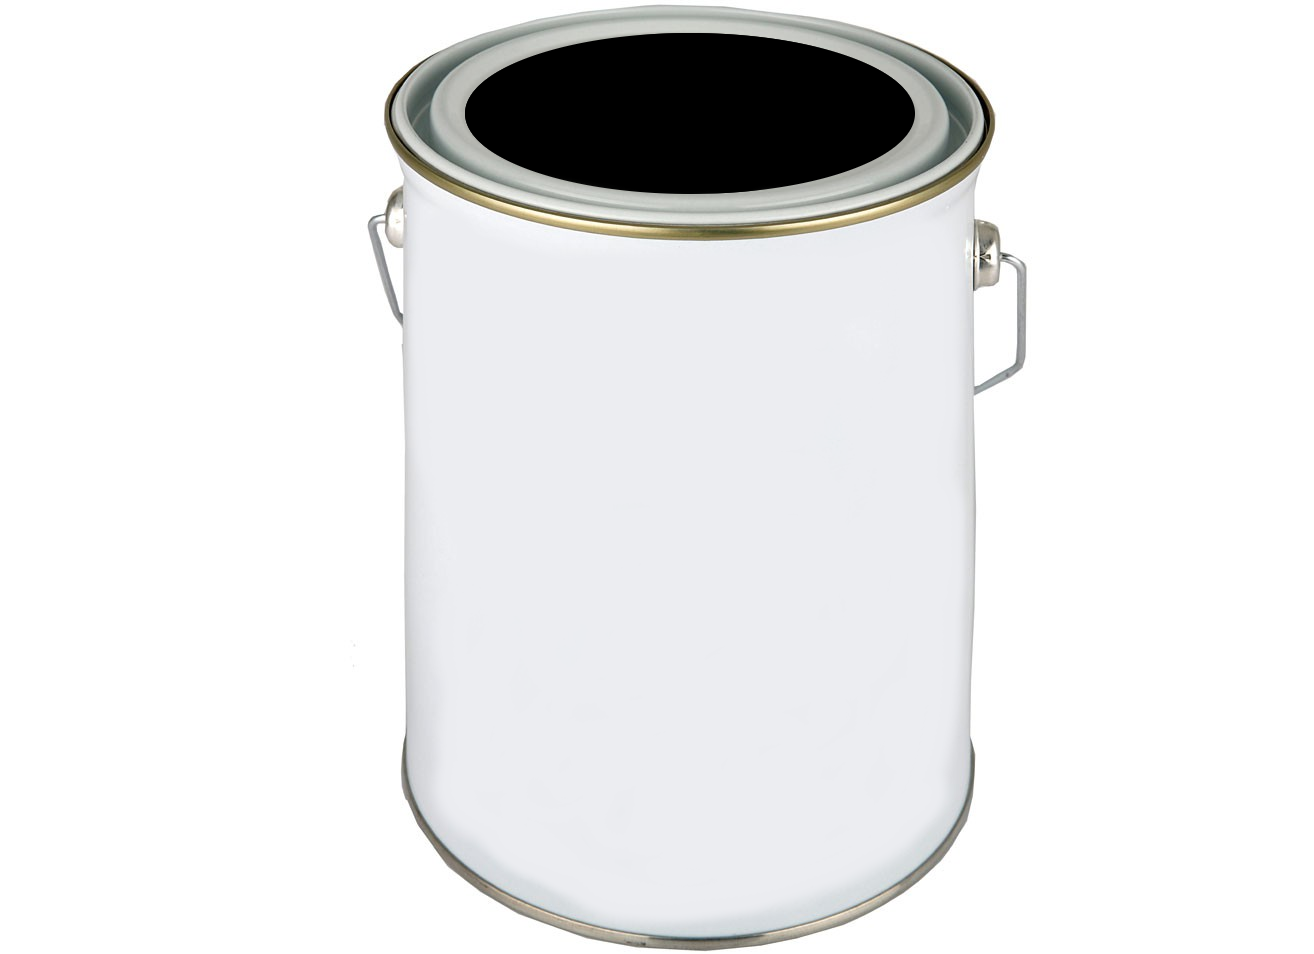 Bote de pintura png 4 » PNG Image.